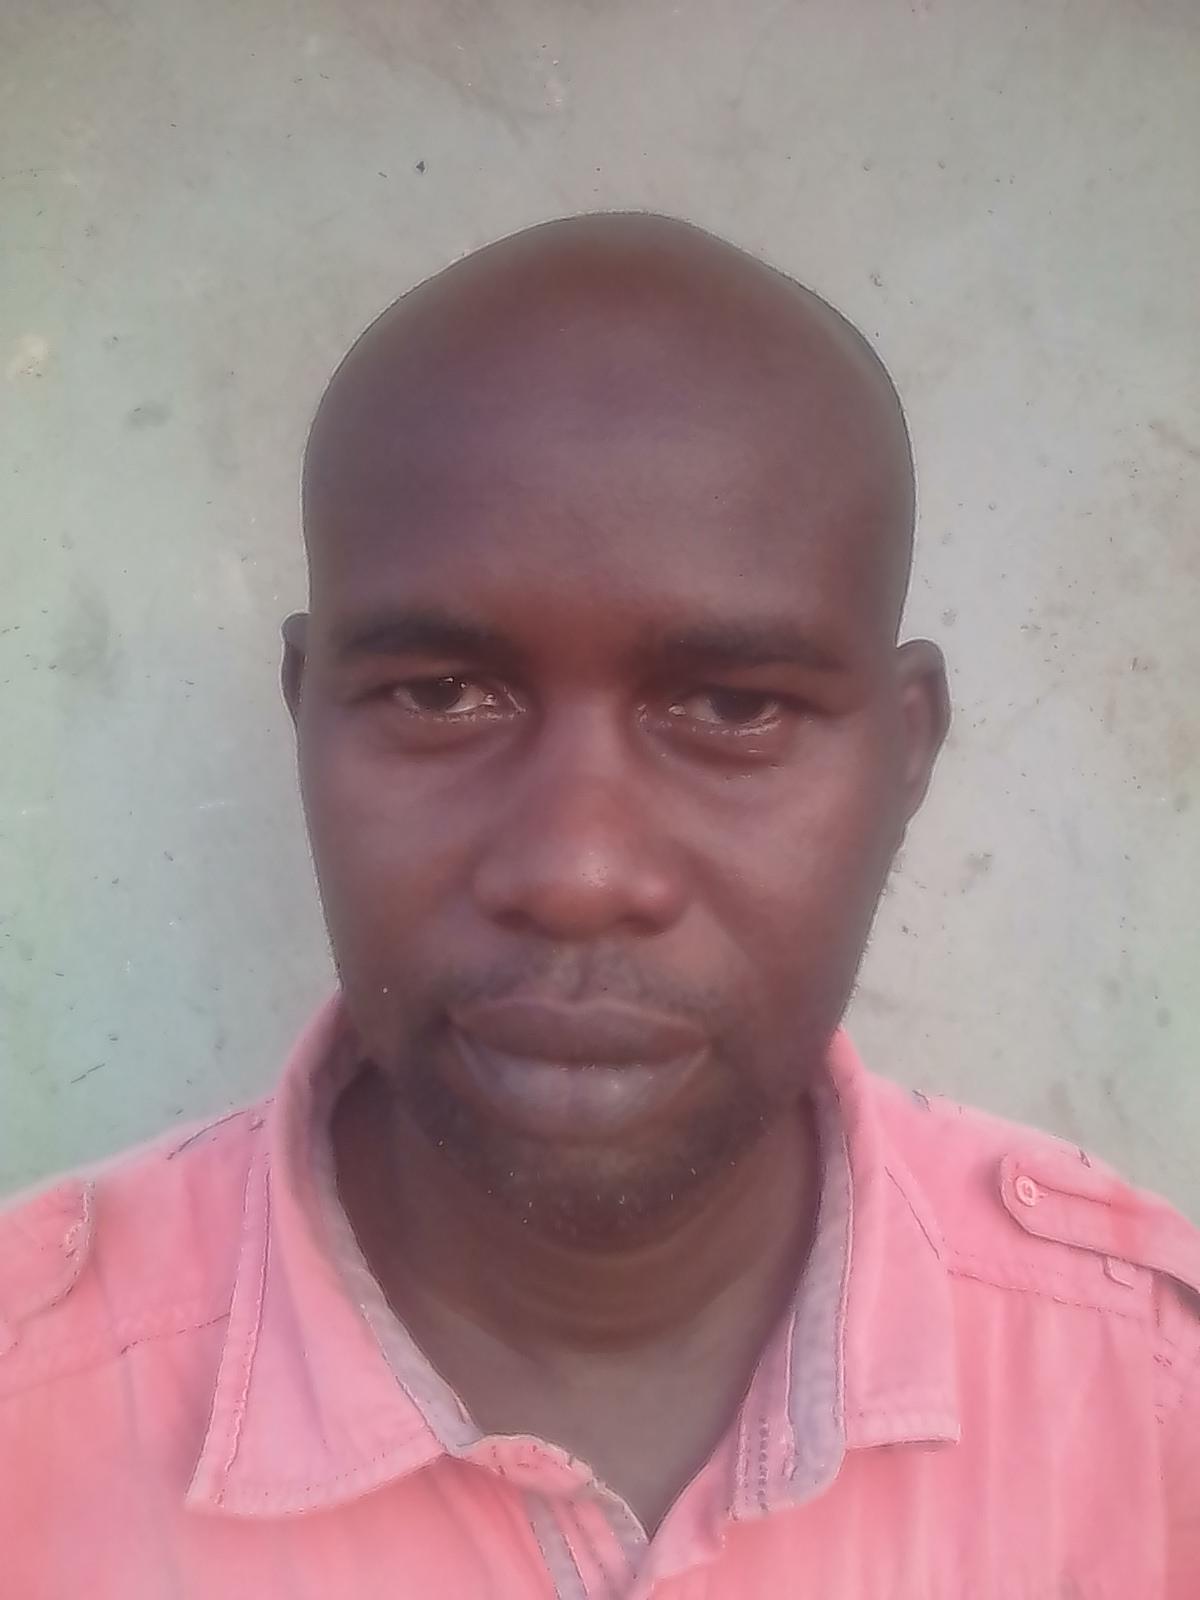 Kolda-Boubacar Sidigui Diallo de l'Apr alerte : « Notre maire est incompris et une certaine vérité lui serait cachée »